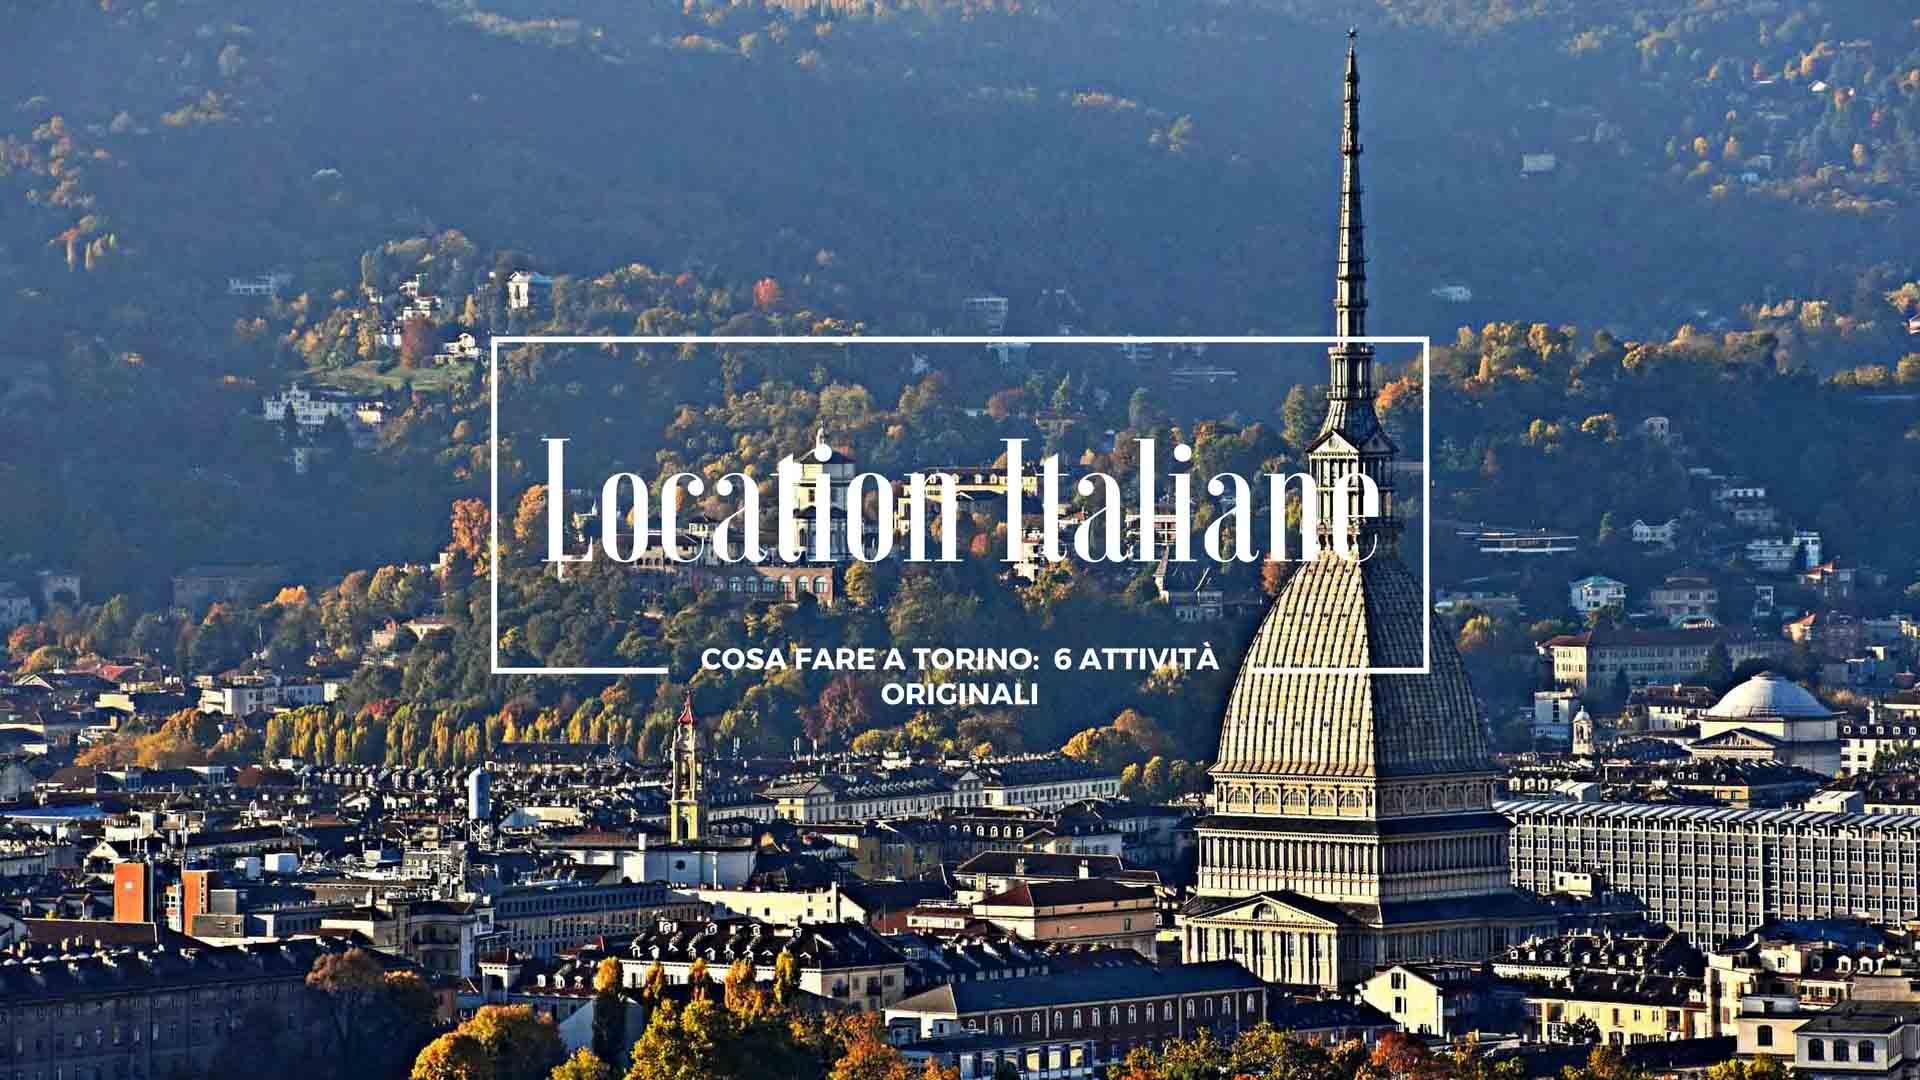 cosa fare a Torino 6 attività originali